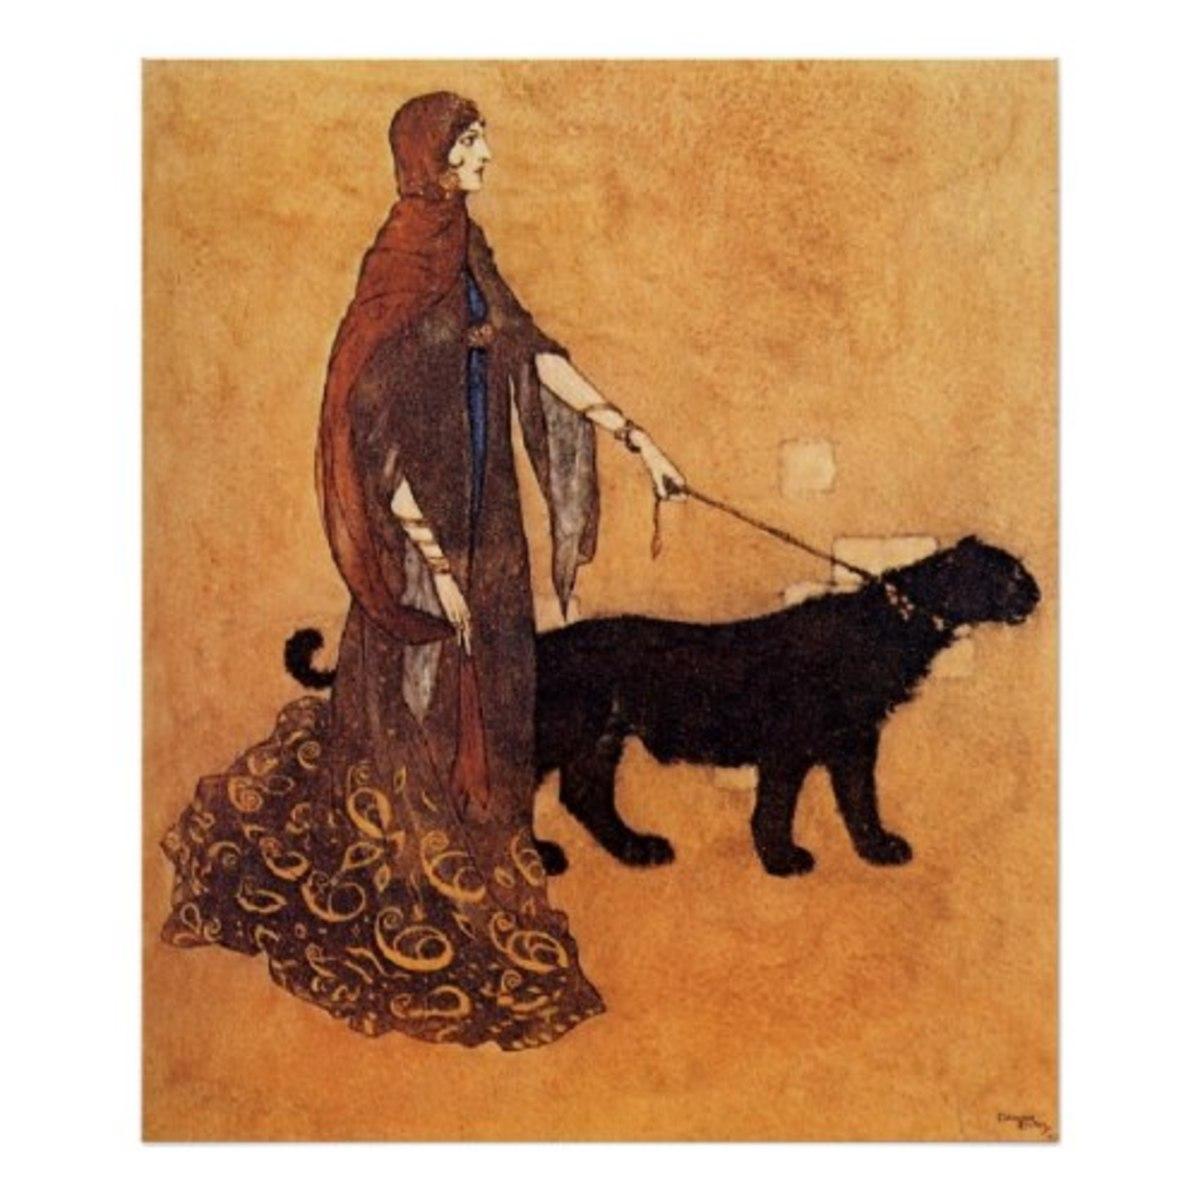 Arabian Nights by Edmund Dulac